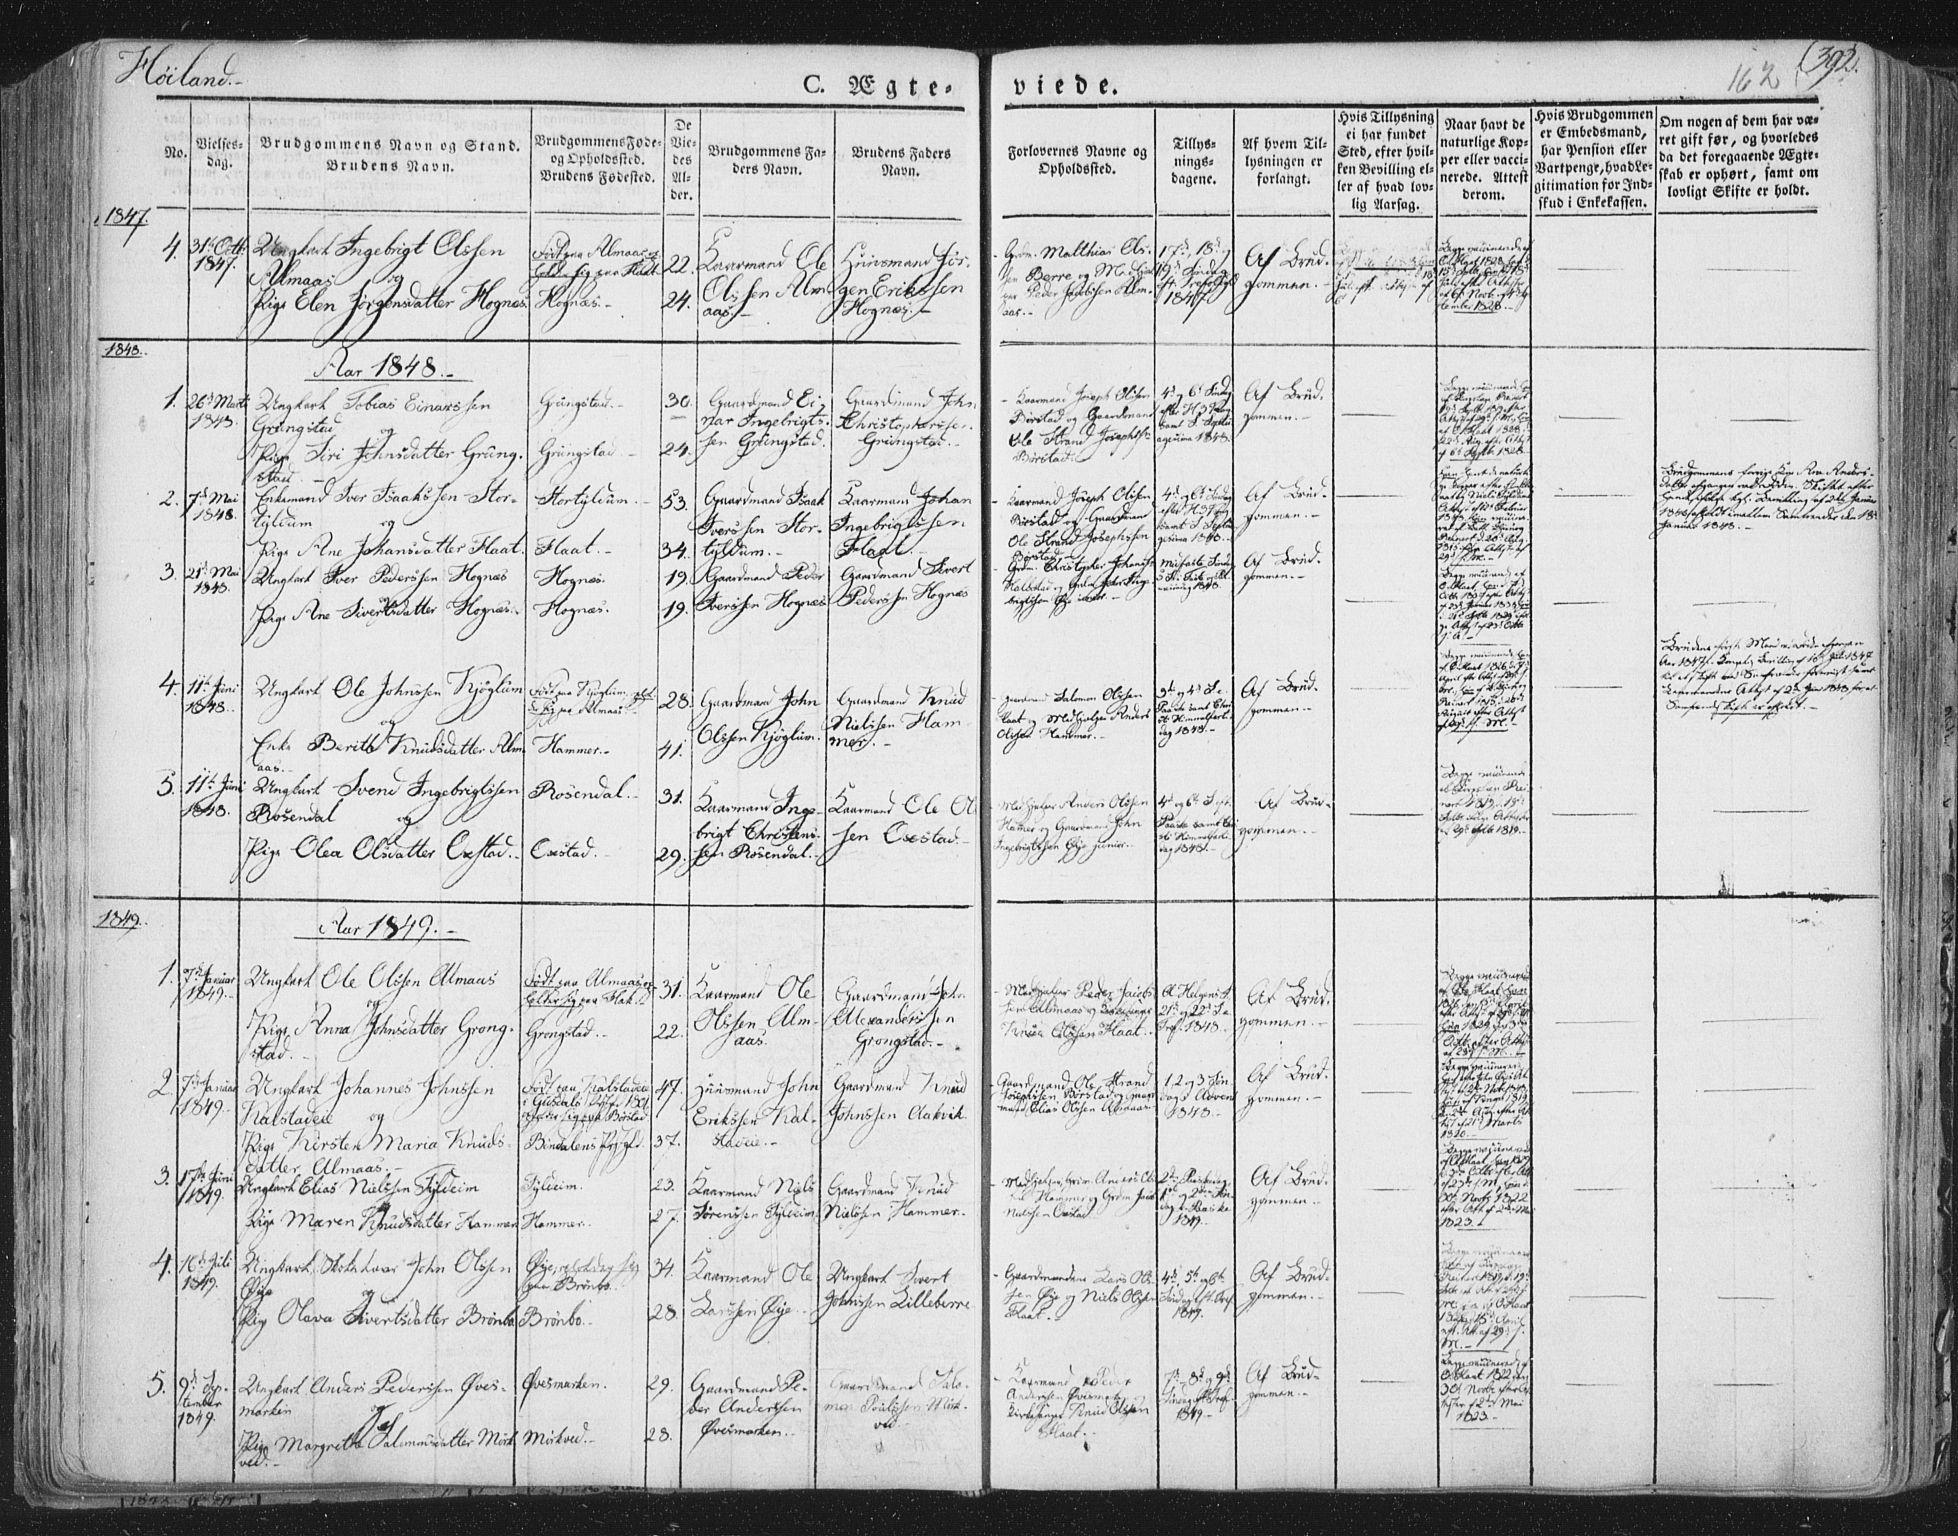 SAT, Ministerialprotokoller, klokkerbøker og fødselsregistre - Nord-Trøndelag, 758/L0513: Ministerialbok nr. 758A02 /2, 1839-1868, s. 162